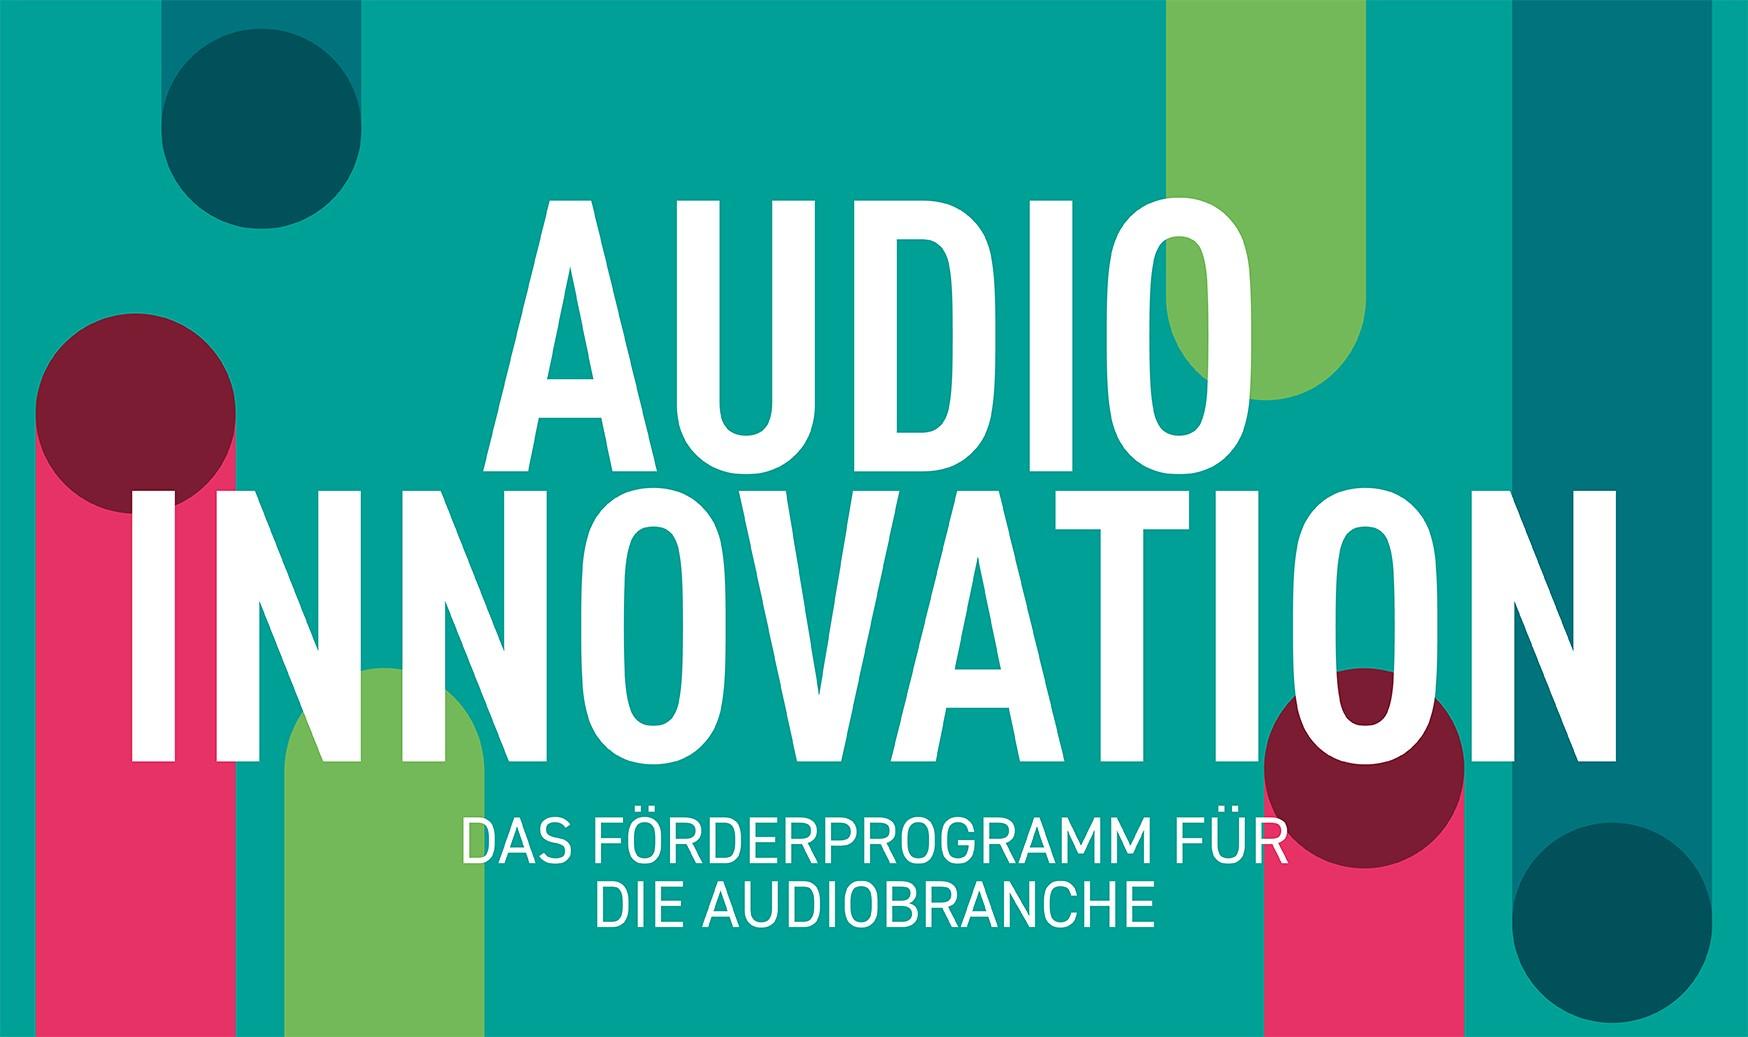 Grafik des Förderprogramm Audio Innovation.